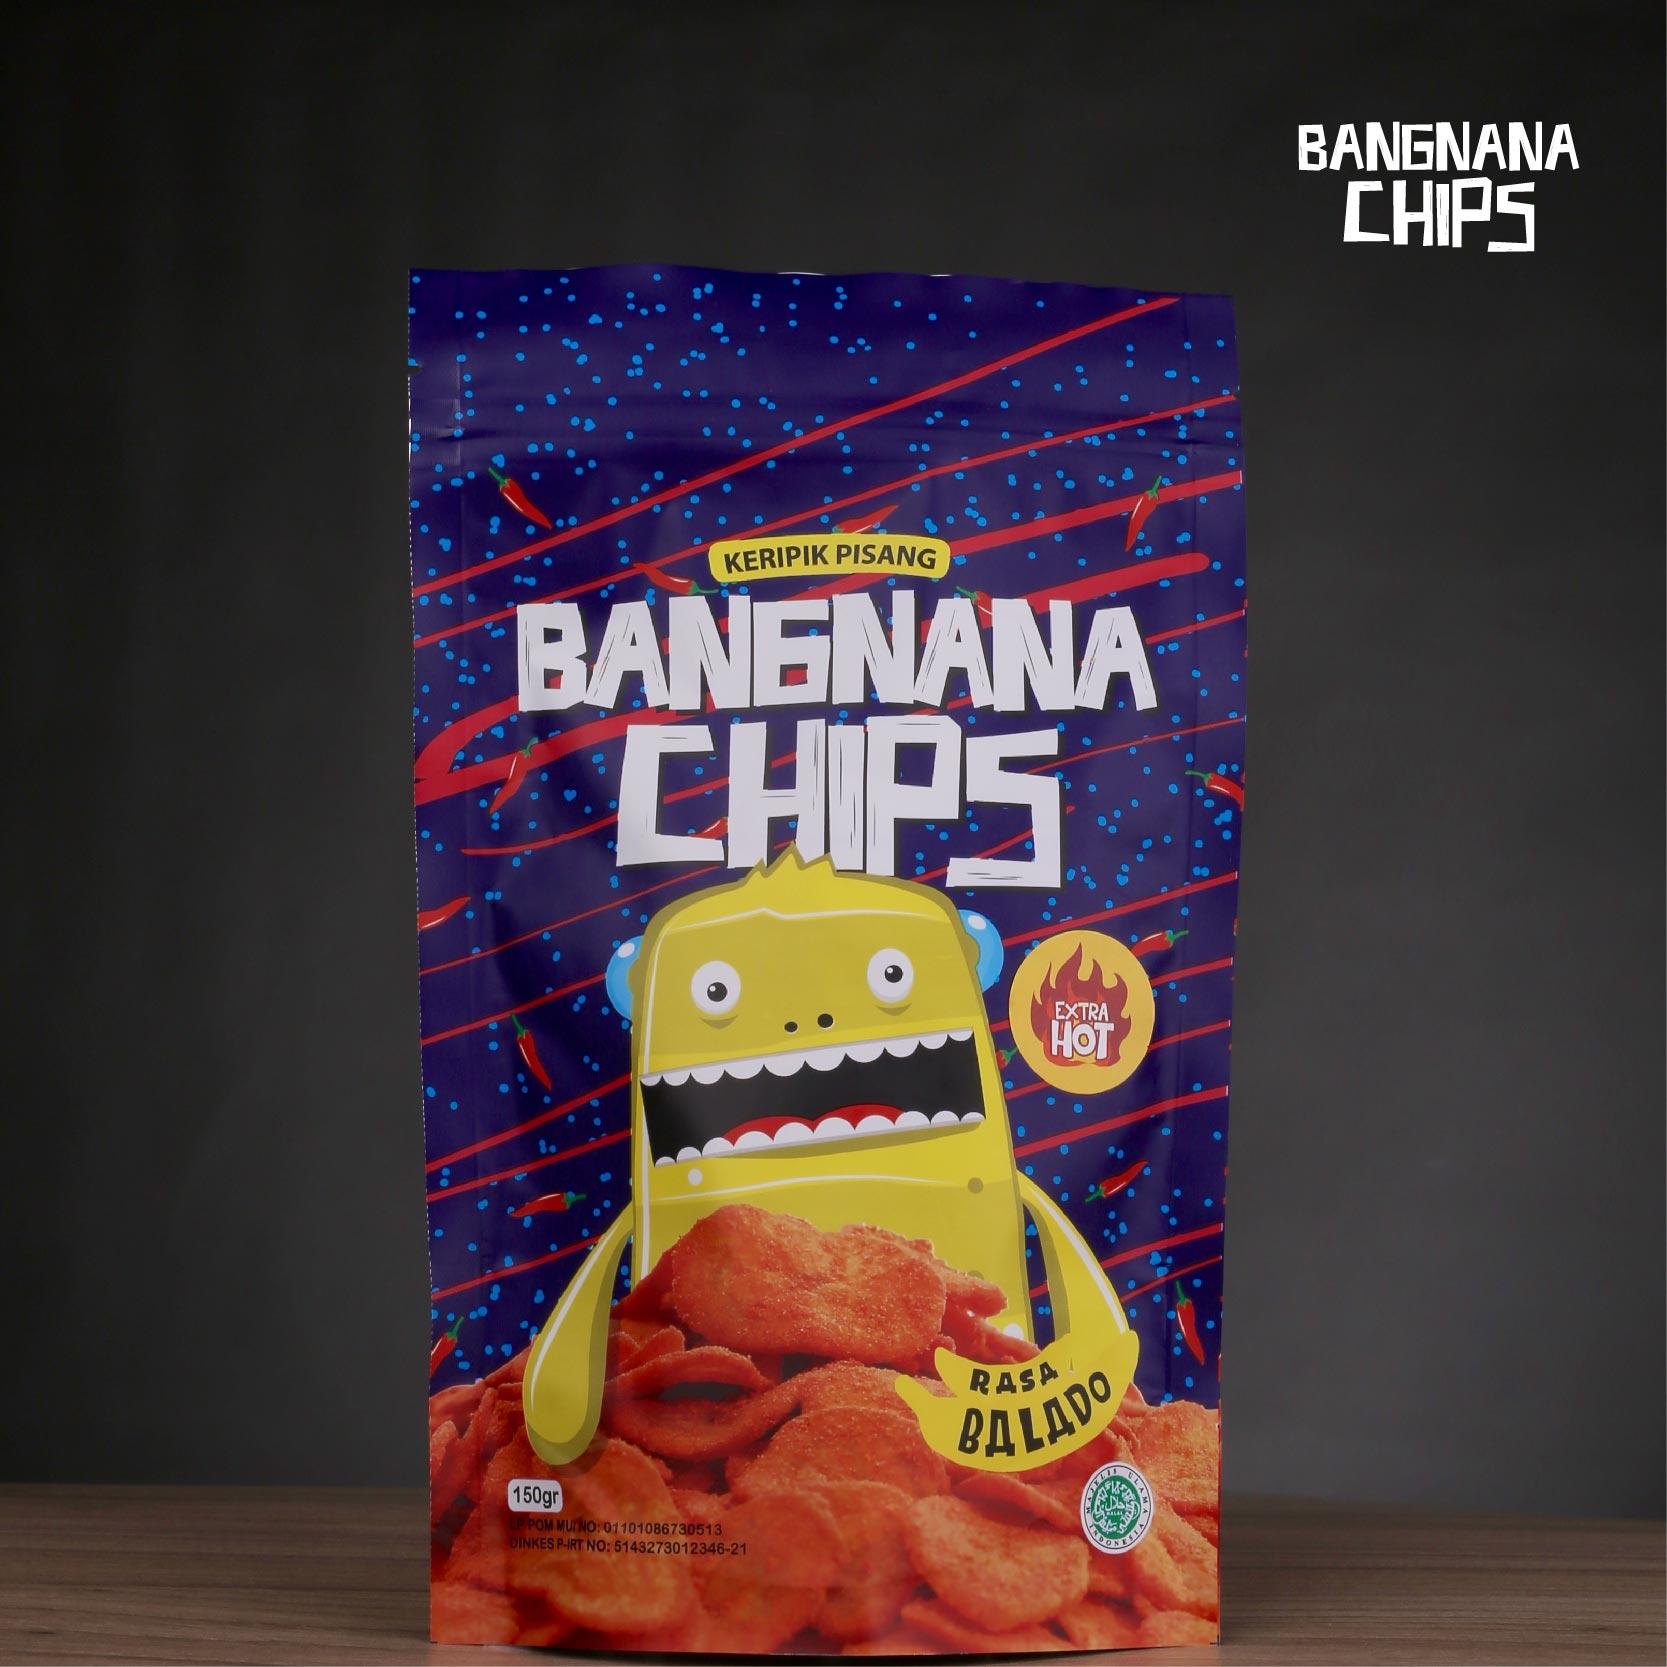 Jual Keripik Pisang Bangnana Chips Rasa Balado Extra Hot Kripik By Mulqi Tokopedia